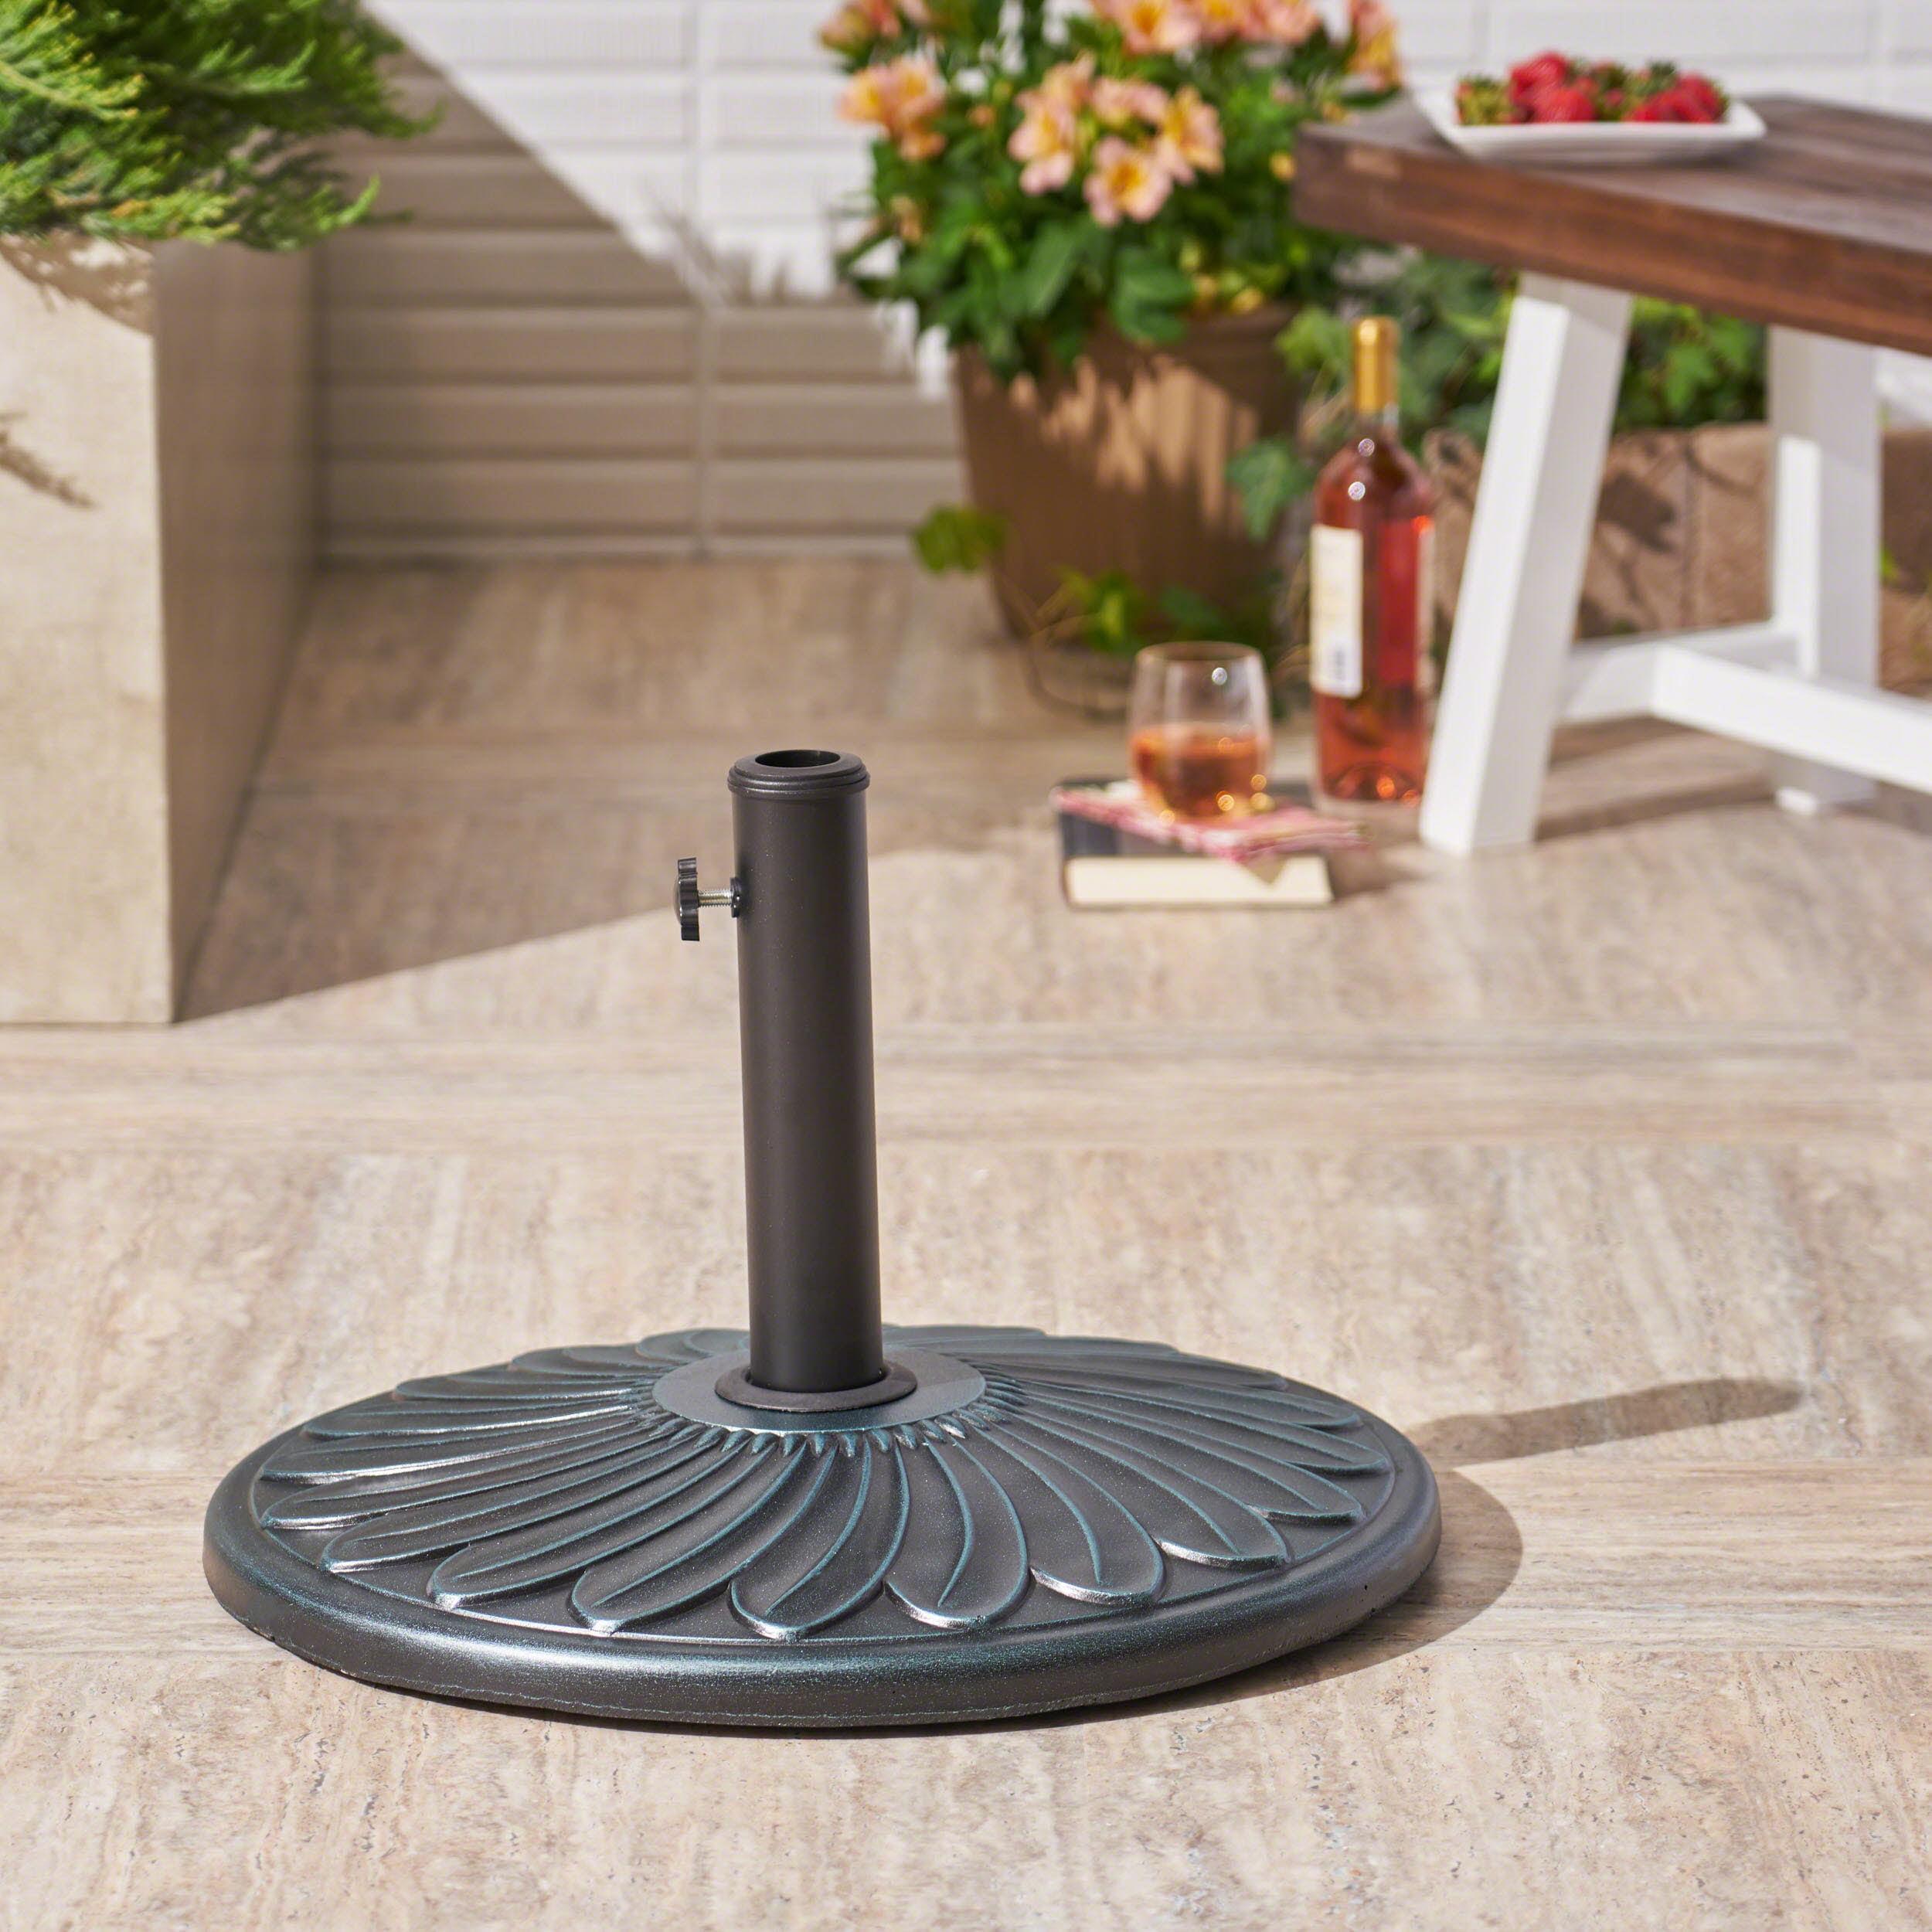 Outdoor 57lb Concrete Circular Umbrella Base, Weathered Bronze